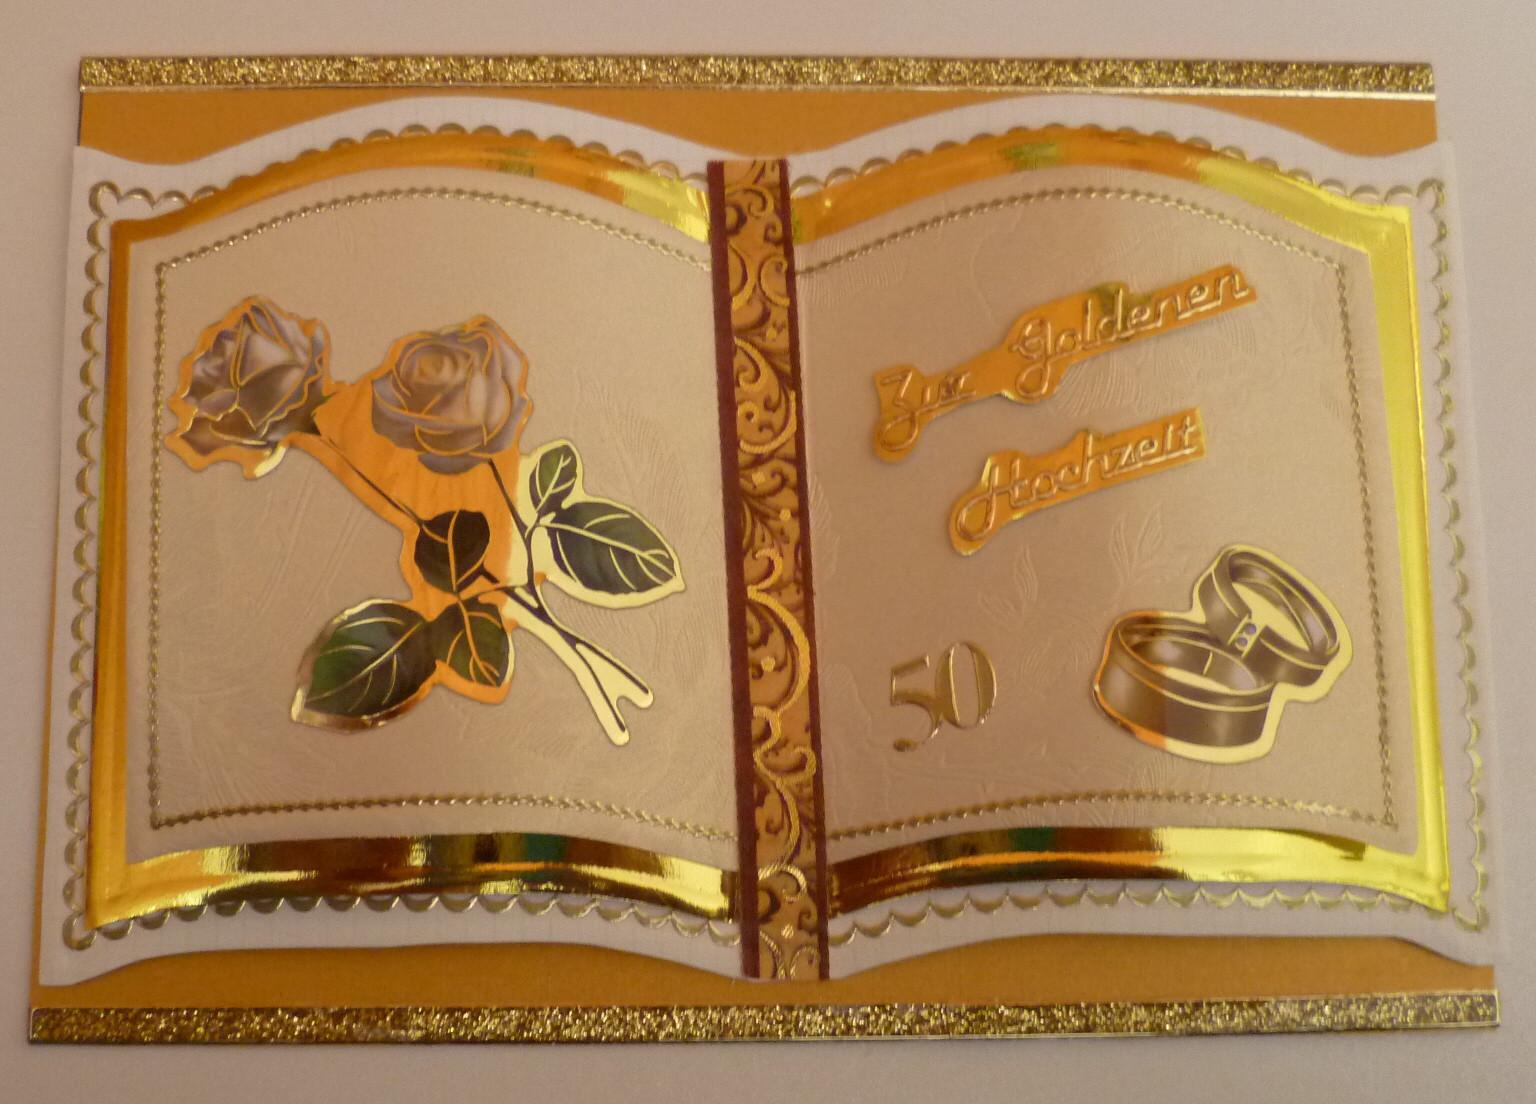 50 Jahre Miteinander Zur Goldenen Hochzeit  Bastelkatze Slusia 50 Jahre Eheglück